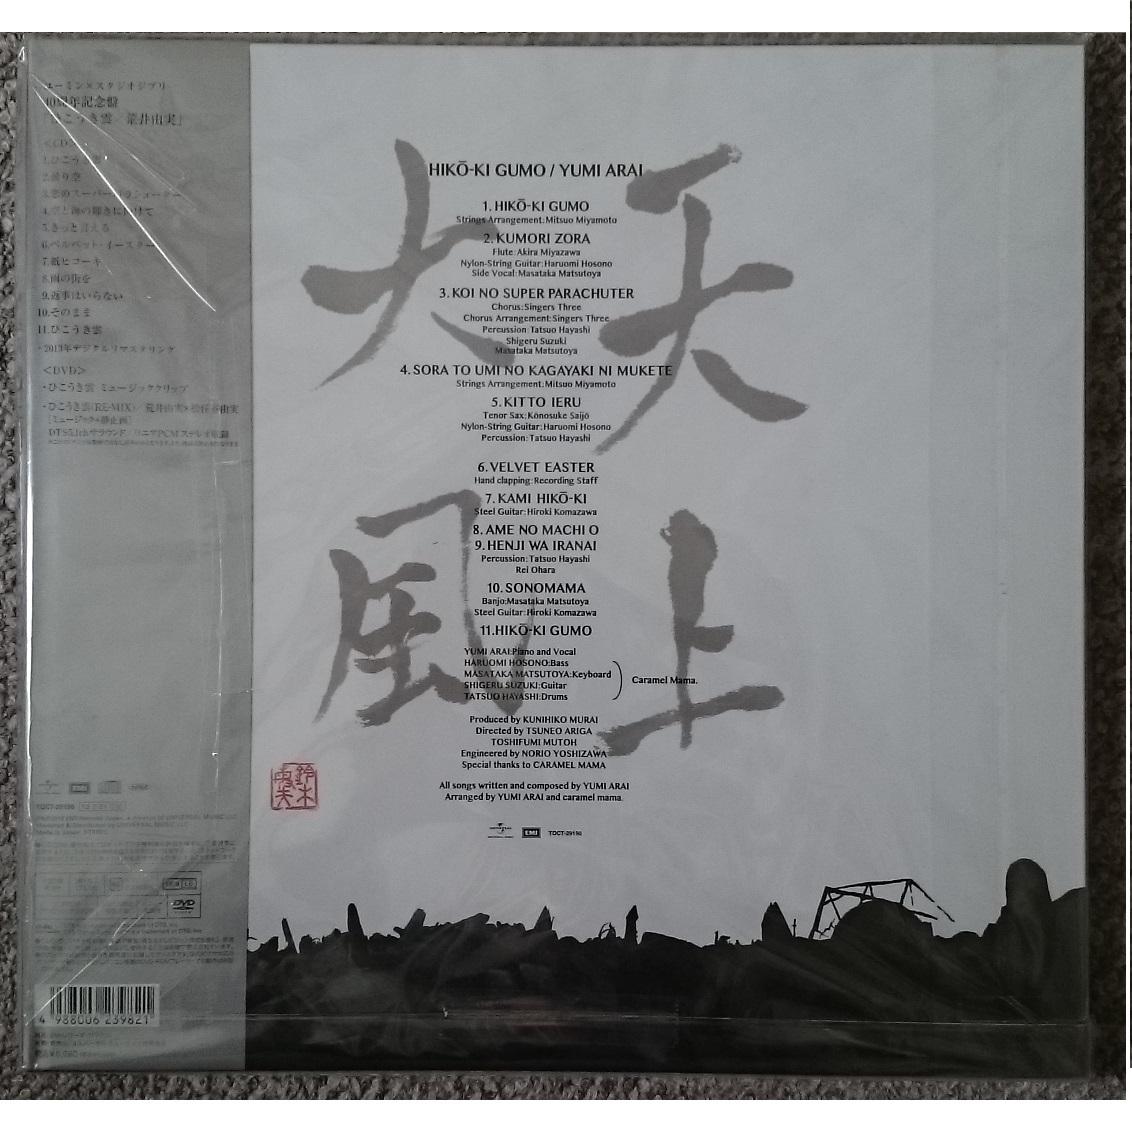 KF 荒井由実 松任谷由実 ユーミン × スタジオジブリ ひこうき雲 40周年記念盤 CD+DVD 完全限定盤_画像2